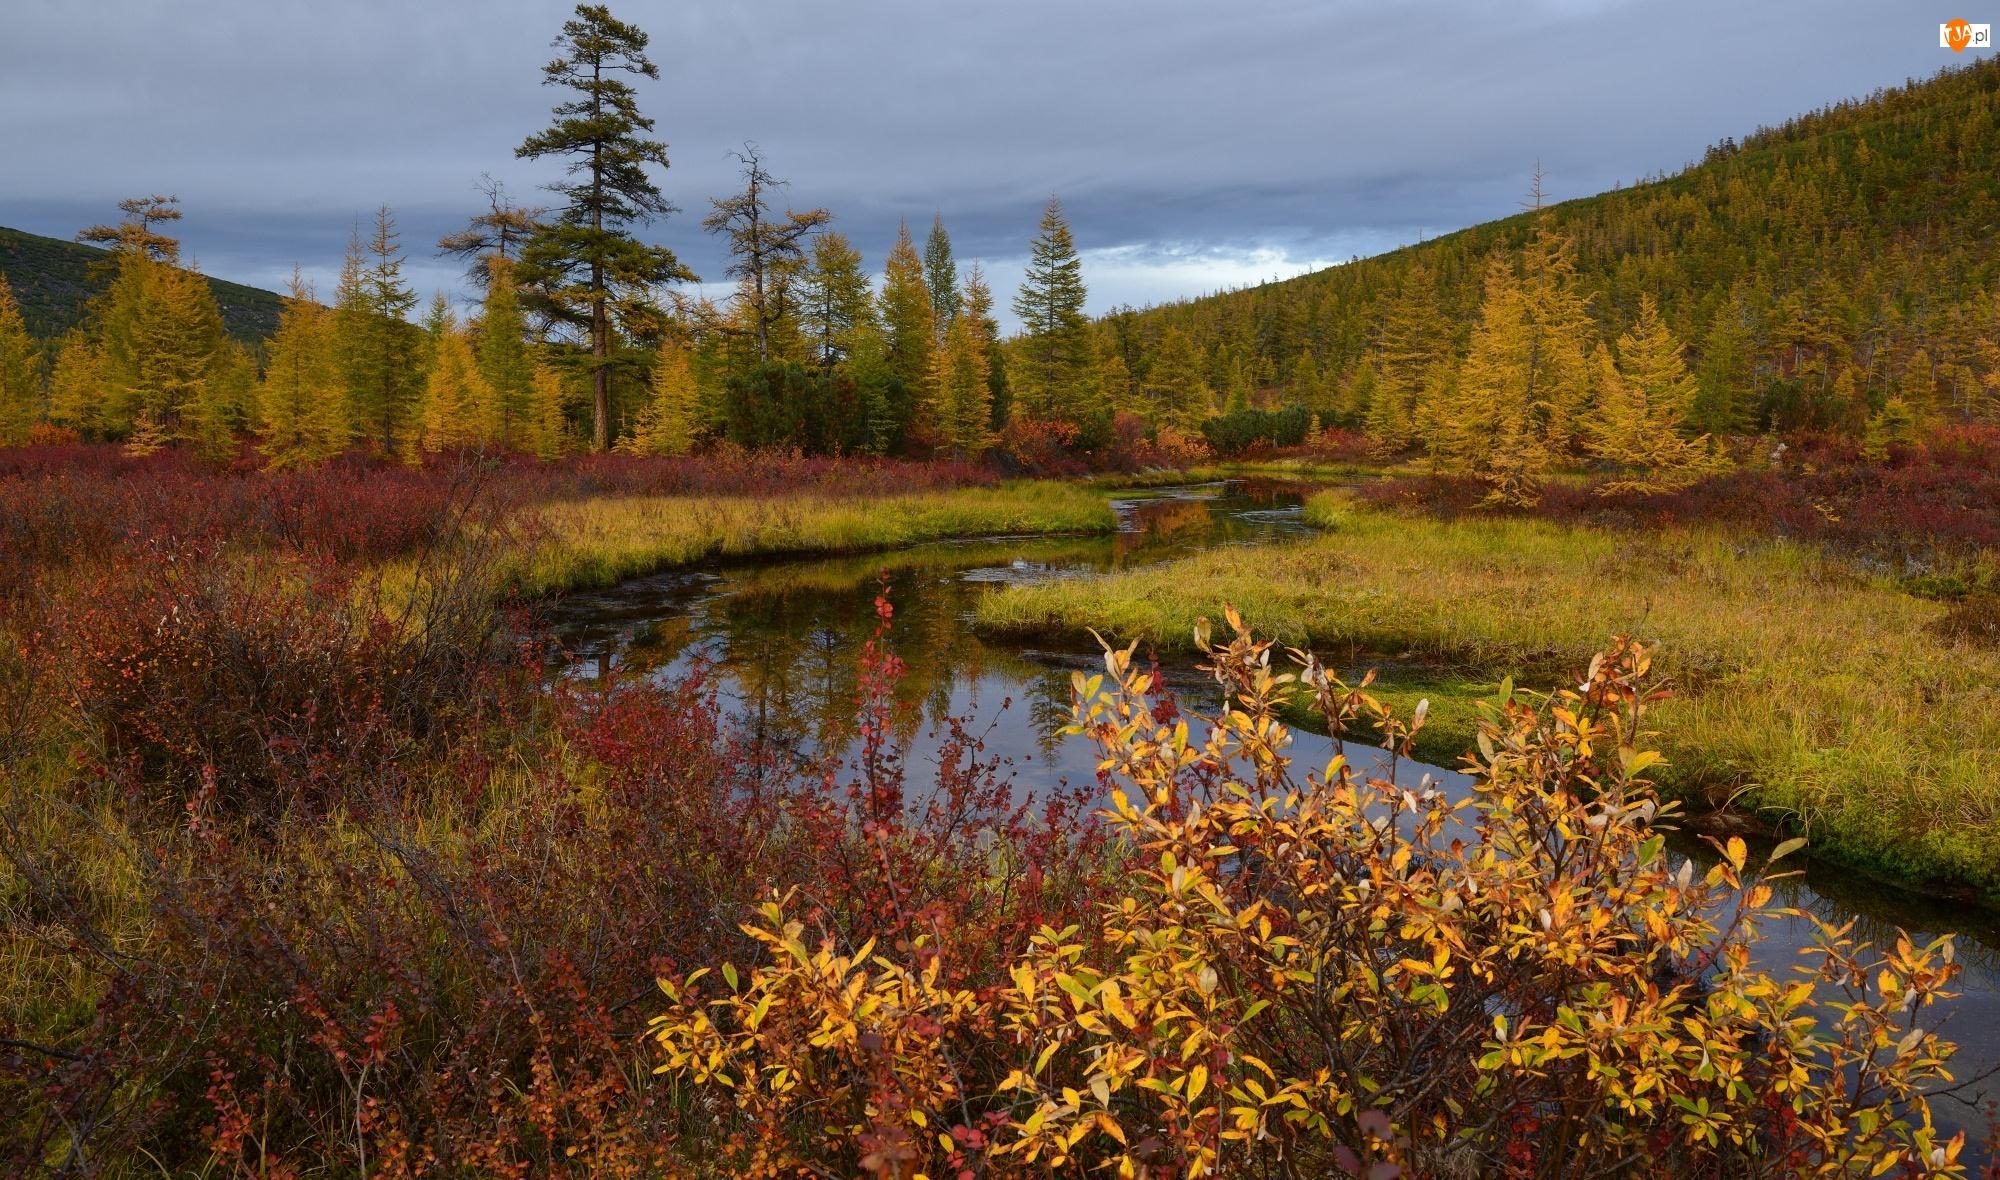 Krzewy, Jesień, Jakucja, Rosja, Rośliny, Rzeka Kołyma, Drzewa